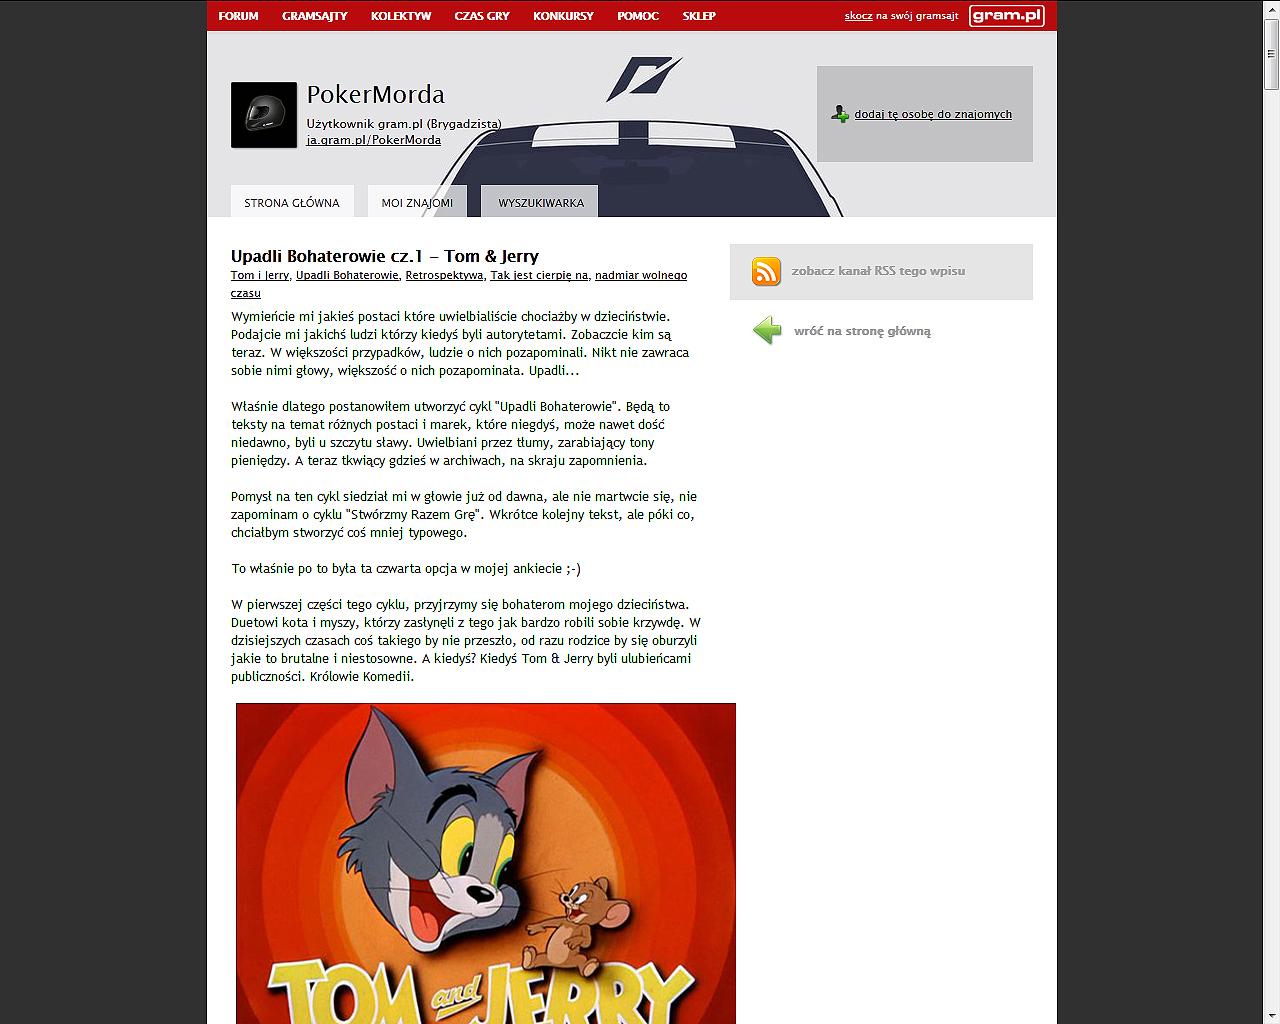 Co w gramsajtach piszczy #104 - O Gamescomie, problemach z premierami i starych przyjaciołach ze szklanego ekranu... - obrazek 6